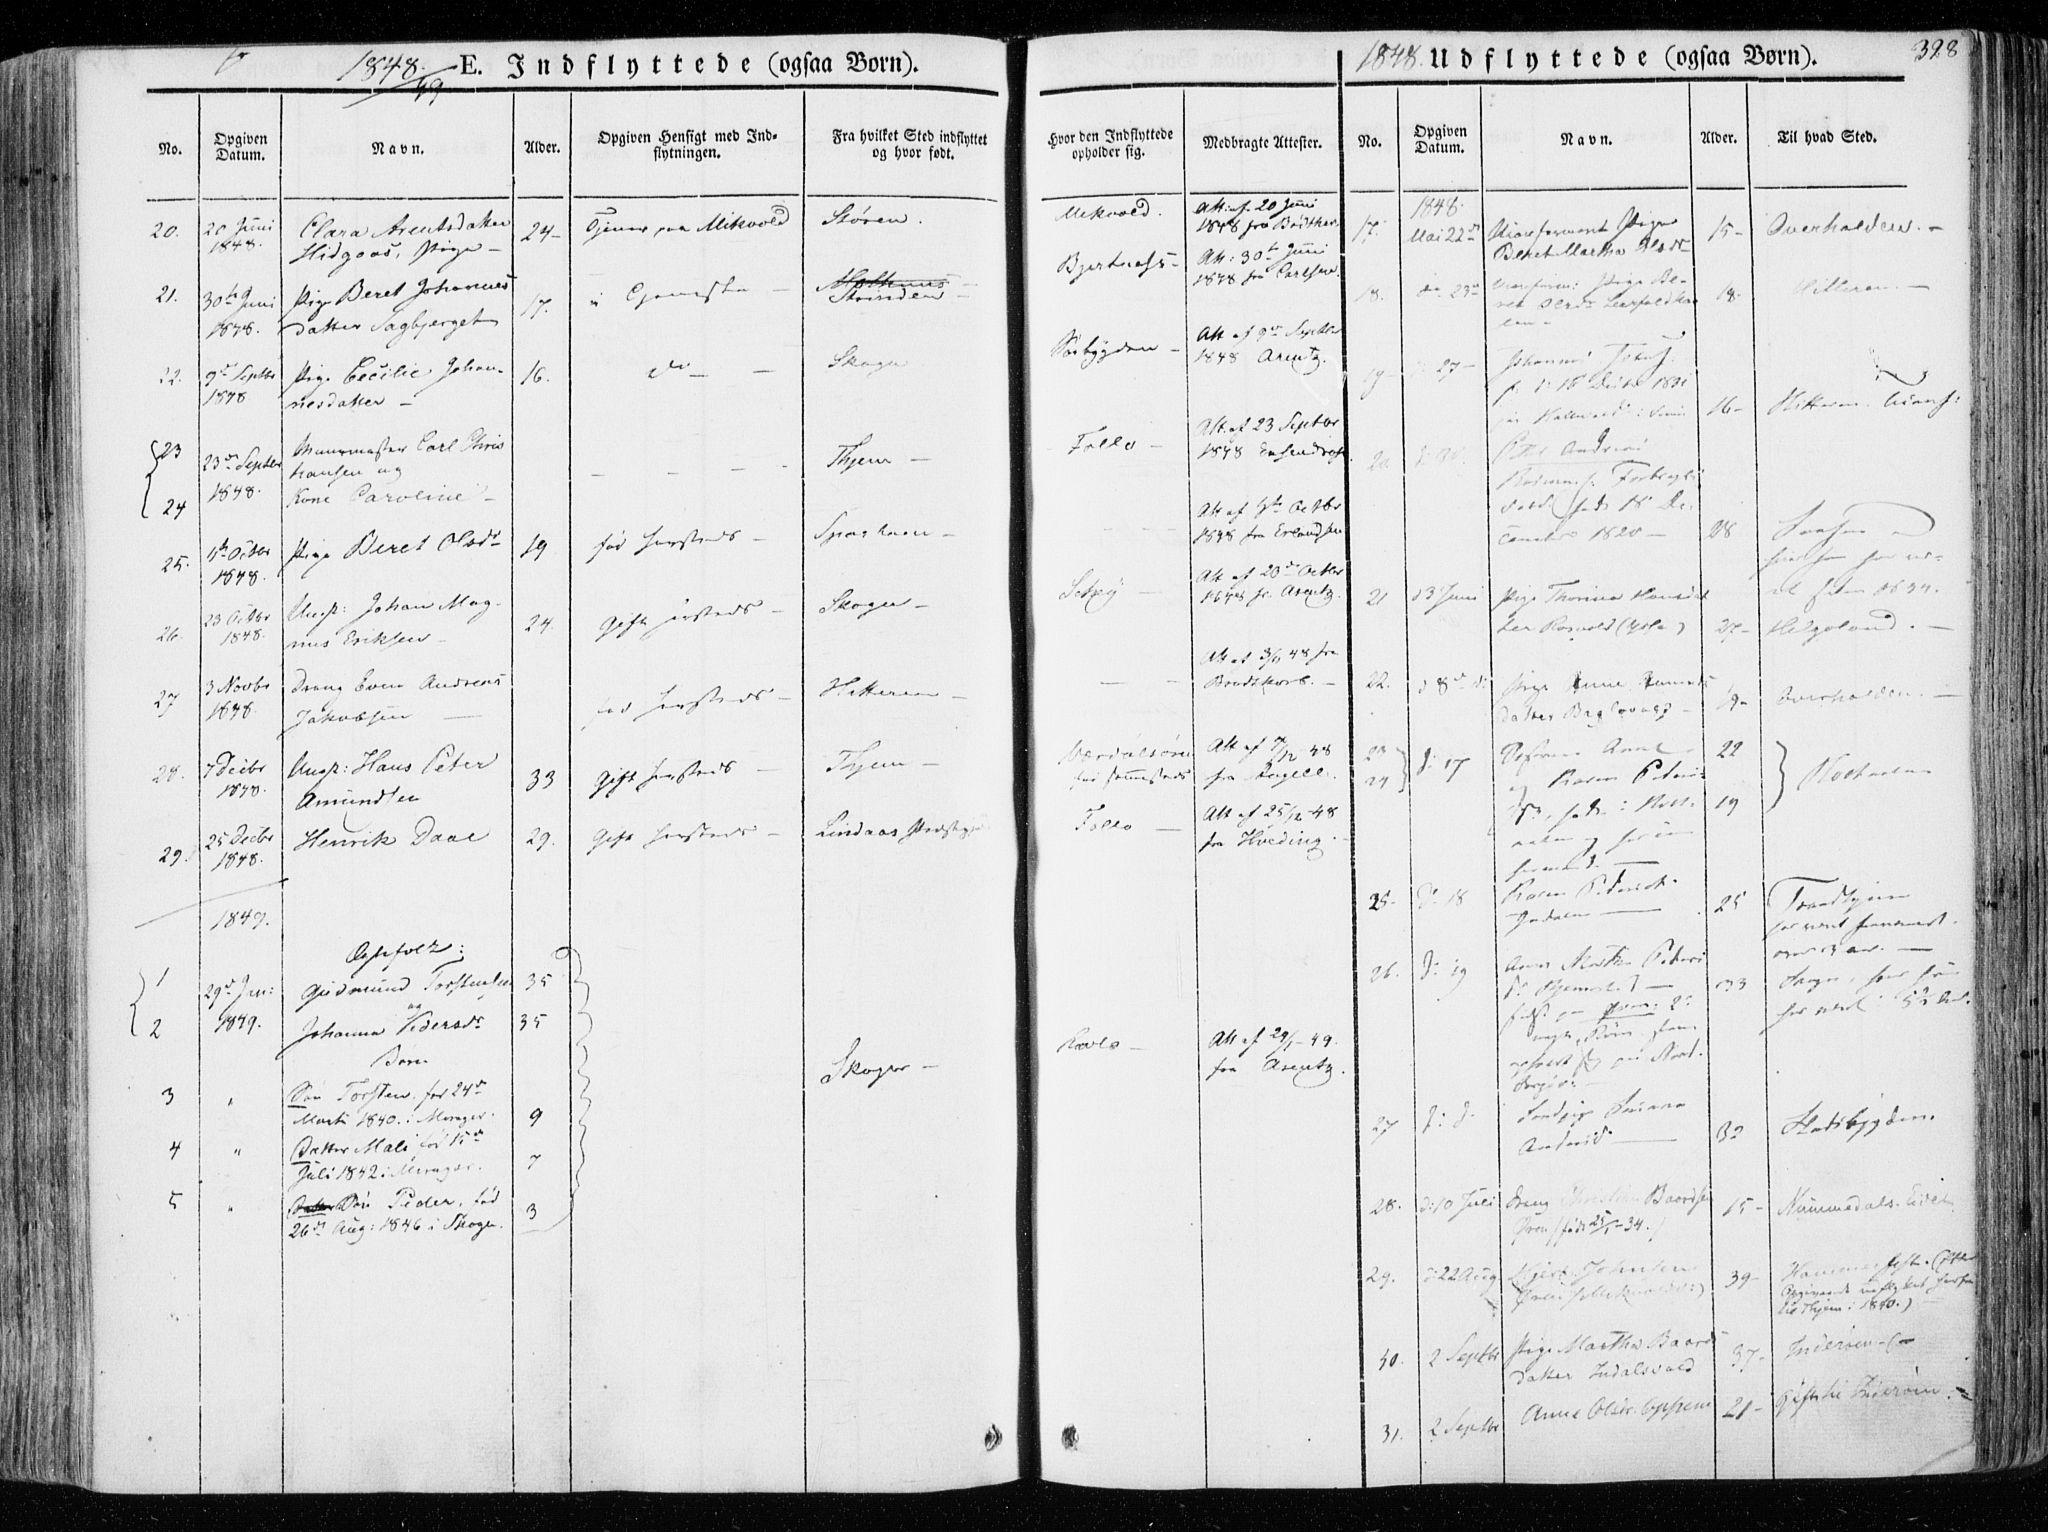 SAT, Ministerialprotokoller, klokkerbøker og fødselsregistre - Nord-Trøndelag, 723/L0239: Ministerialbok nr. 723A08, 1841-1851, s. 328